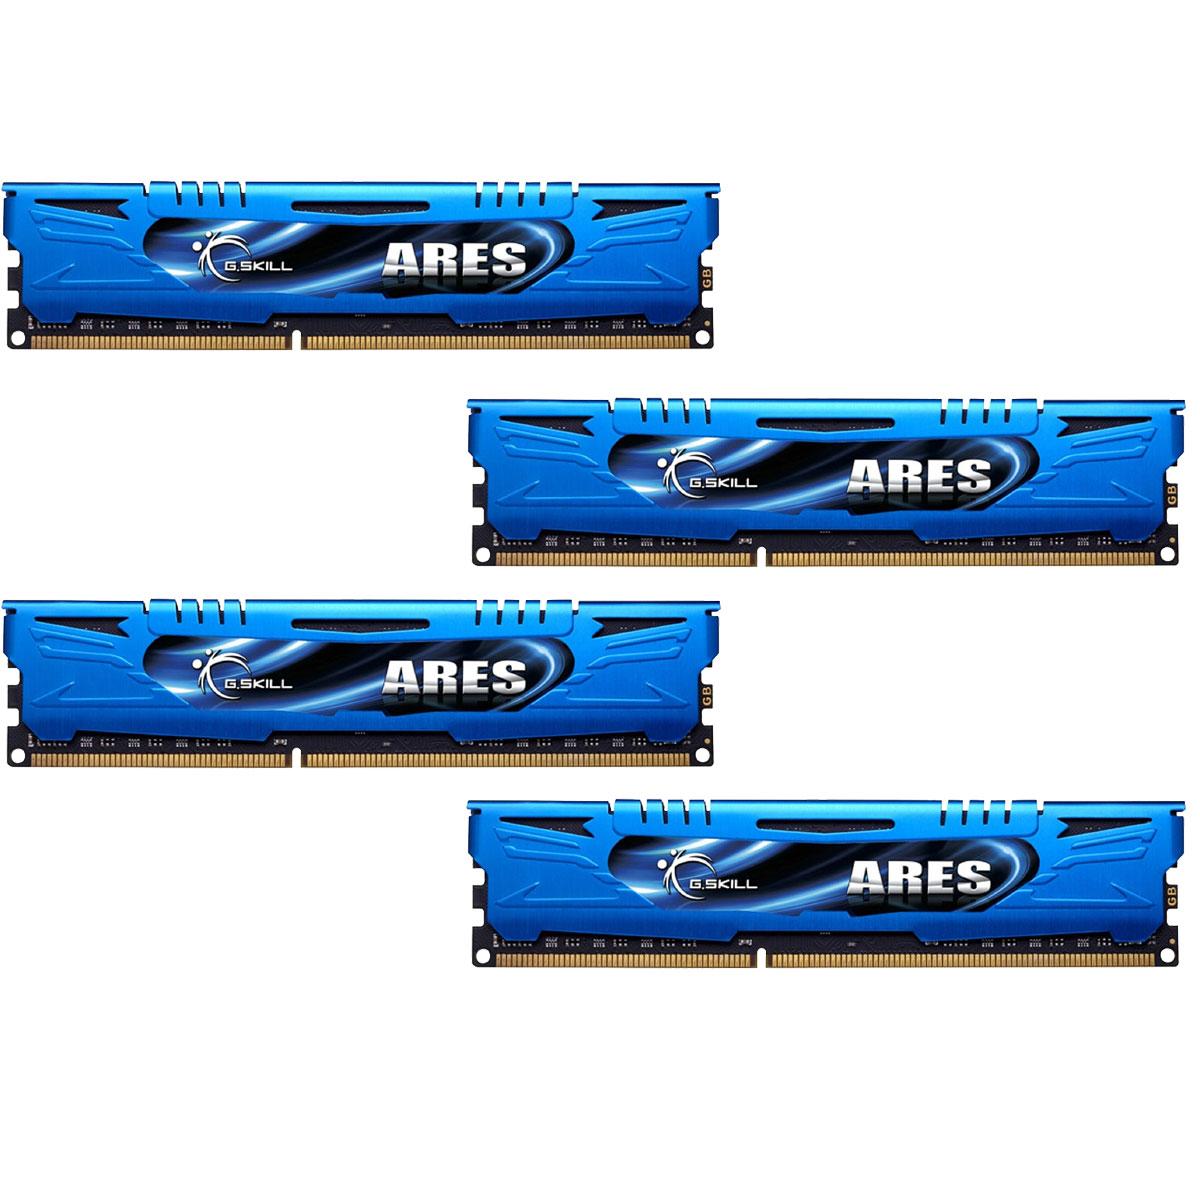 Mémoire PC G.Skill Ares Blue Series 32 Go (4 x 8 Go) DDR3 1866 MHz CL10 Kit Quad Channel DDR3 PC3-14900 - F3-1866C10Q-32GAB (garantie à vie par G.Skill)